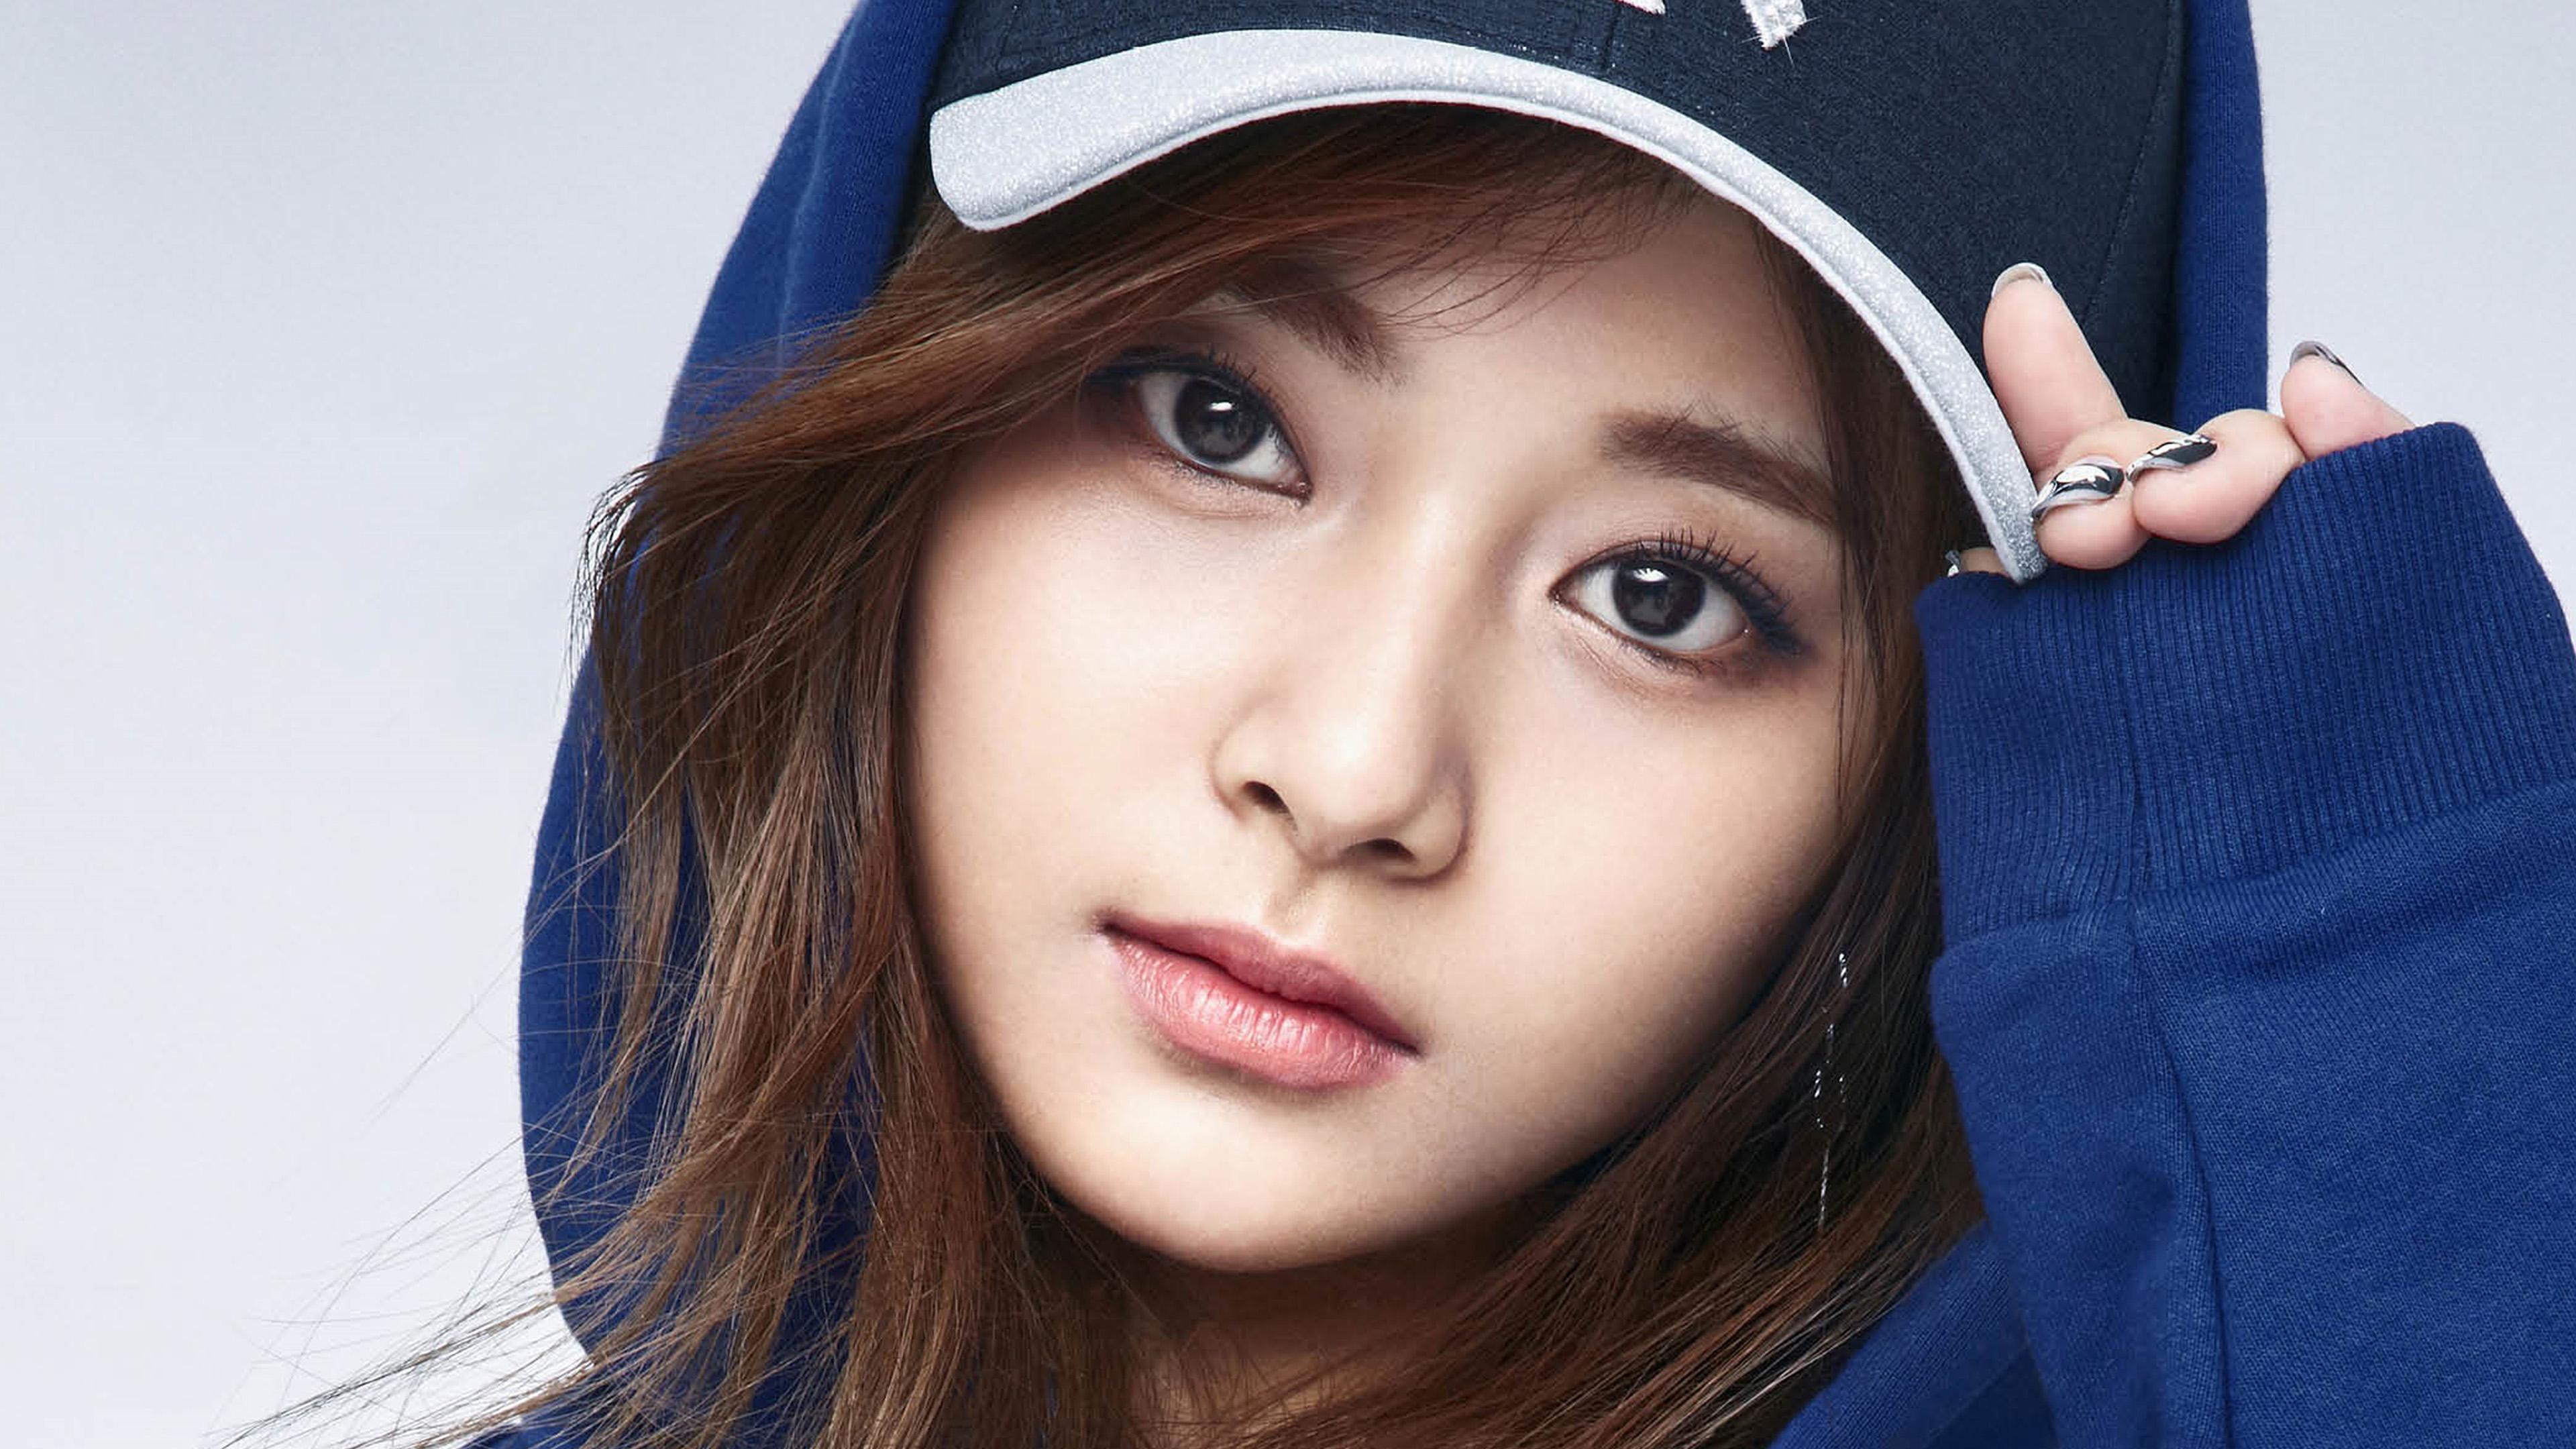 Cute Girl Face Desktop Wallpaper 3840 X 2400